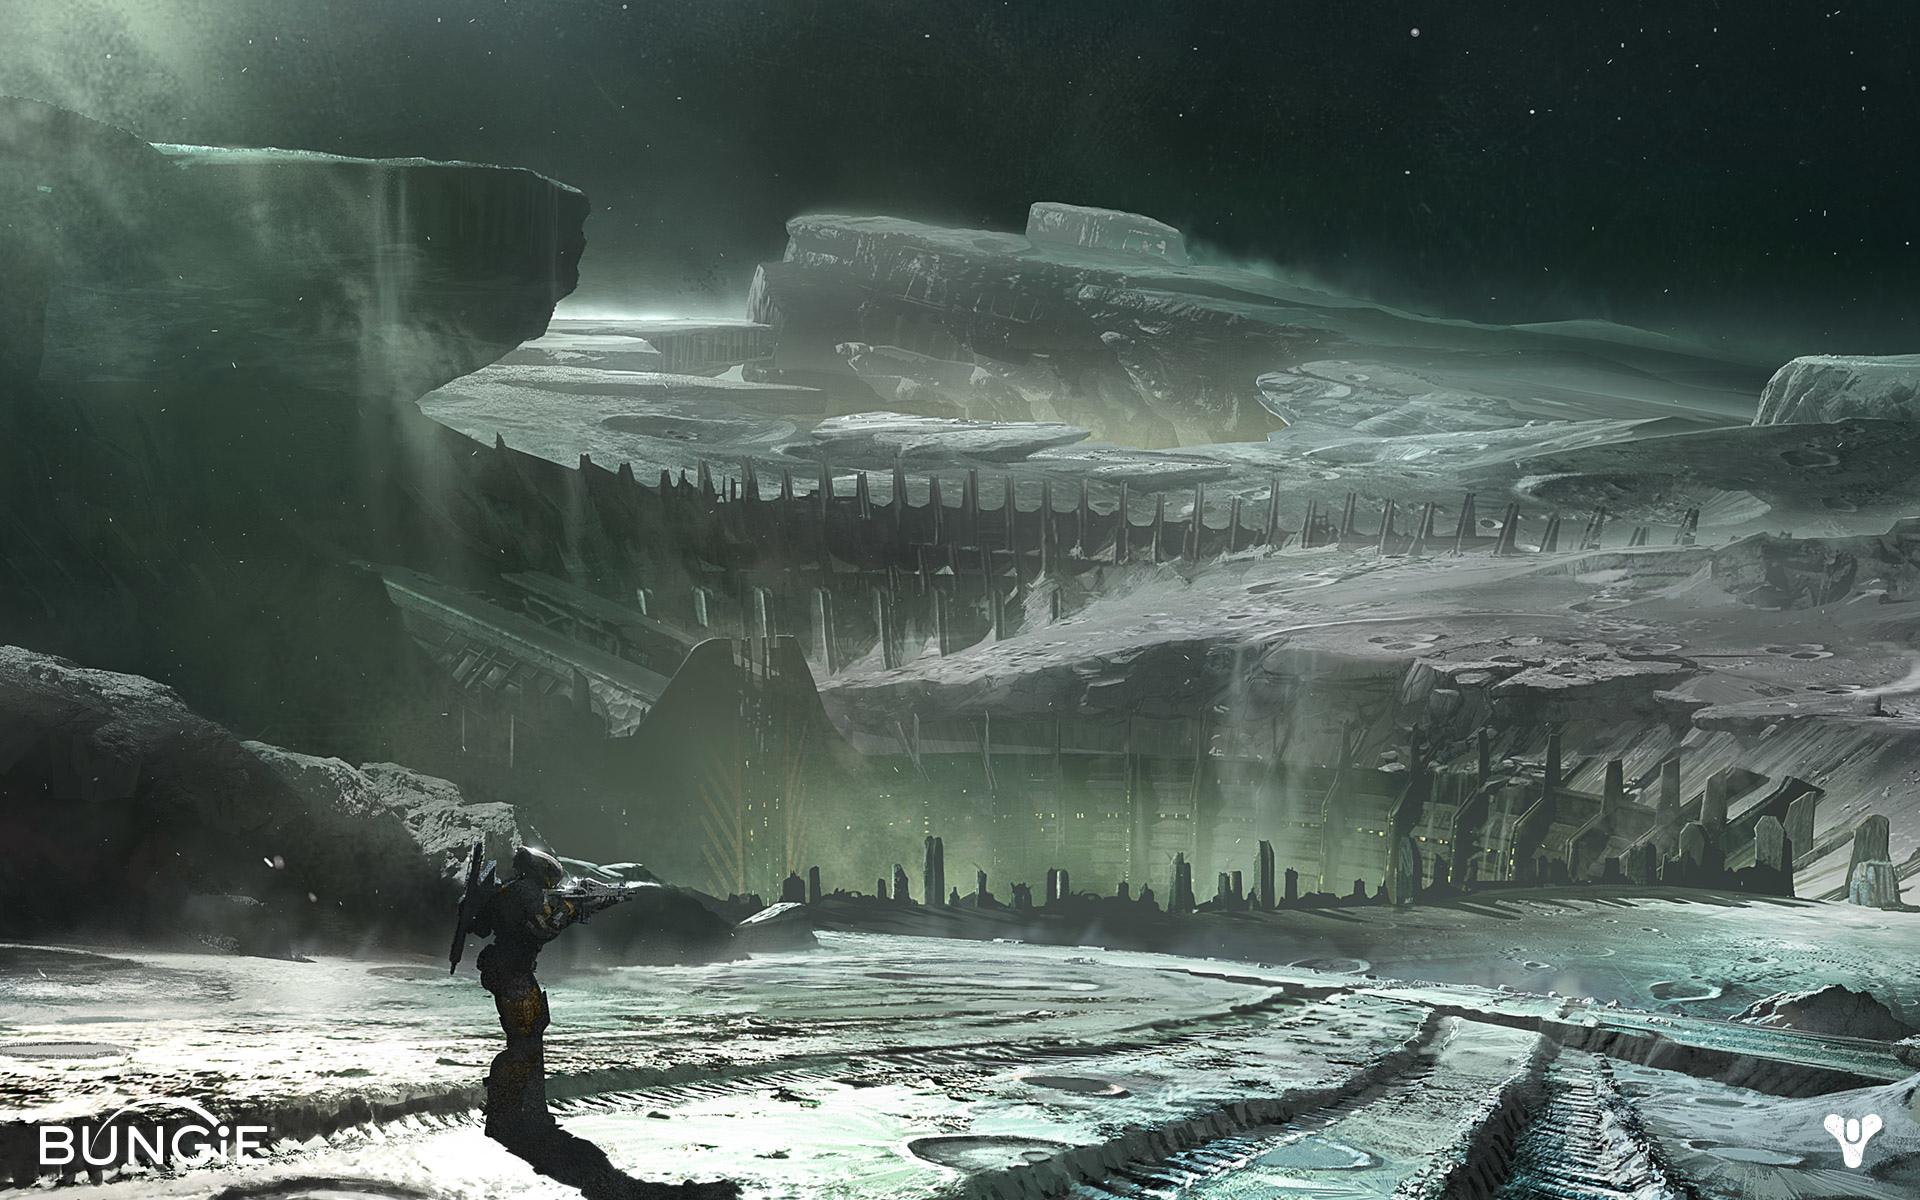 Destiny 2 Wallpaper Hd Fondos De Destiny Wallpapers